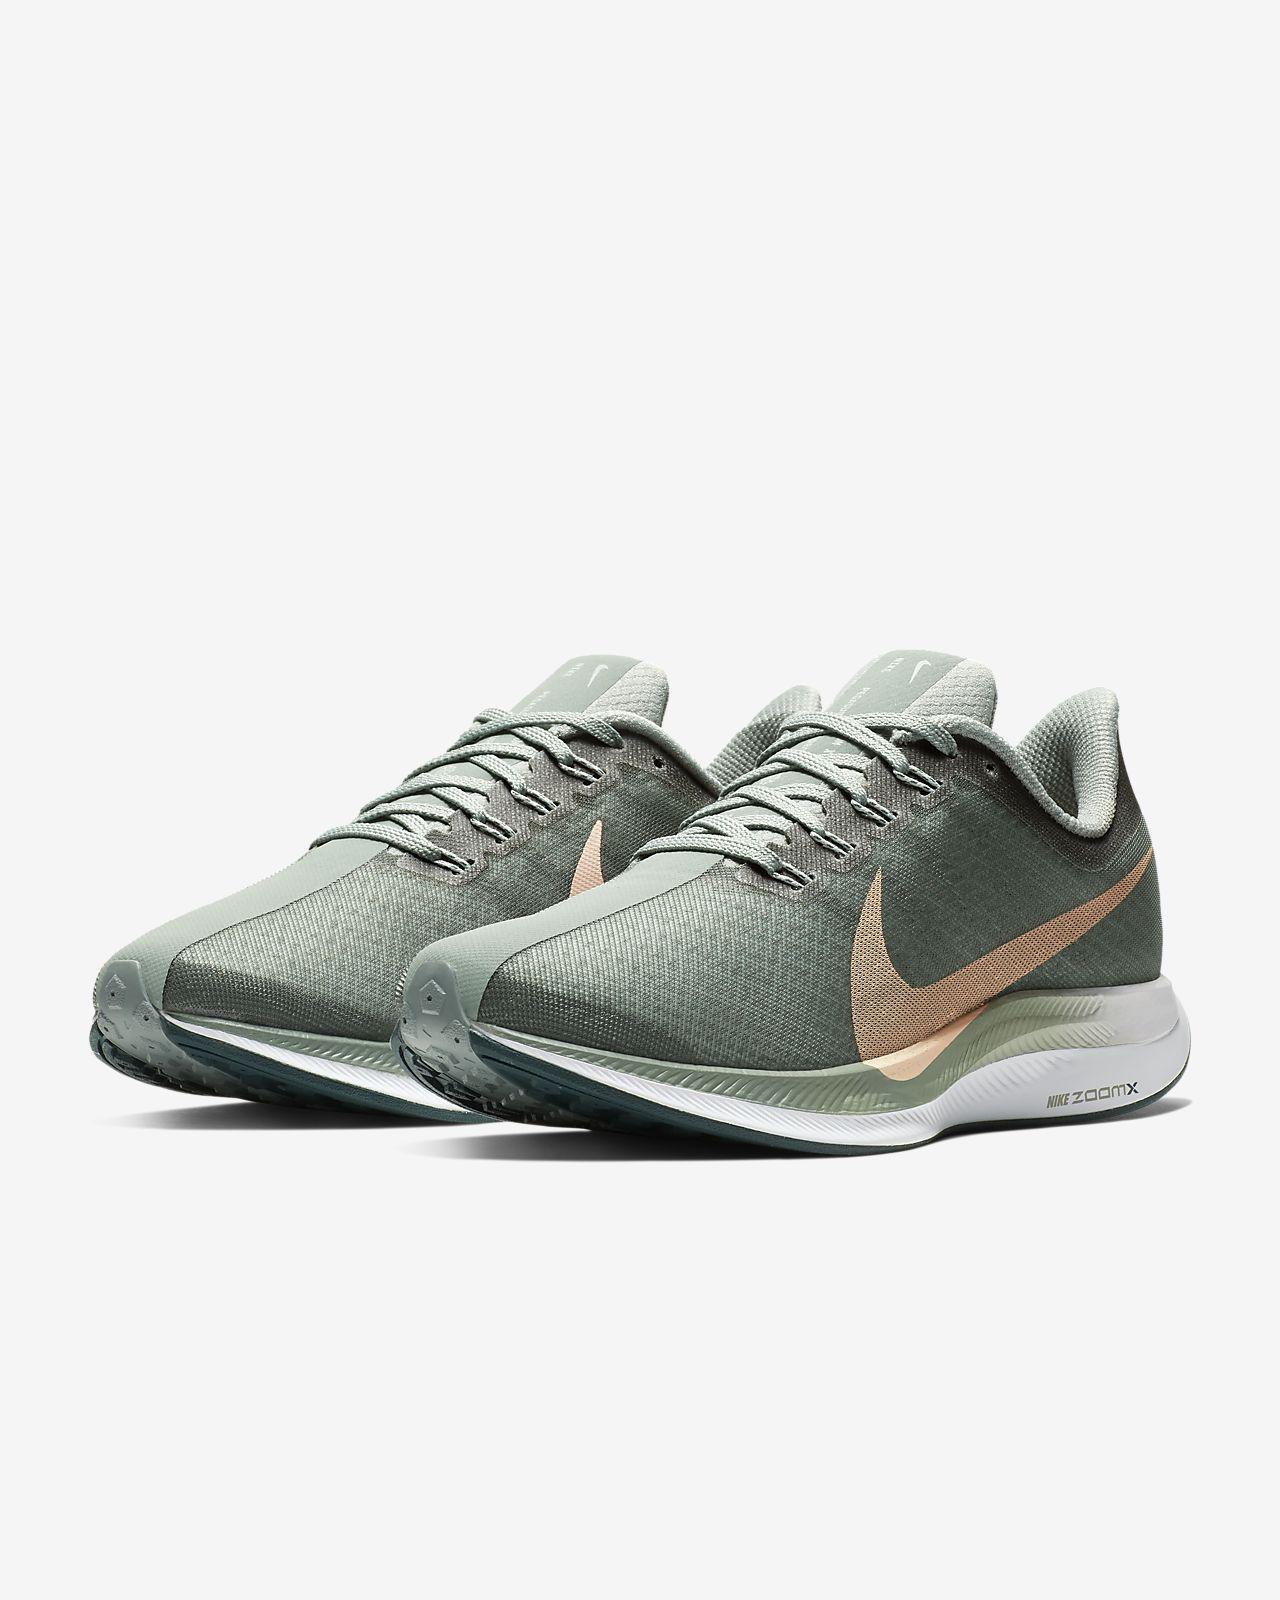 cheap for discount 3bde9 6599c Nike Zoom Pegasus Turbo Damen-Laufschuh. Nike.com LU